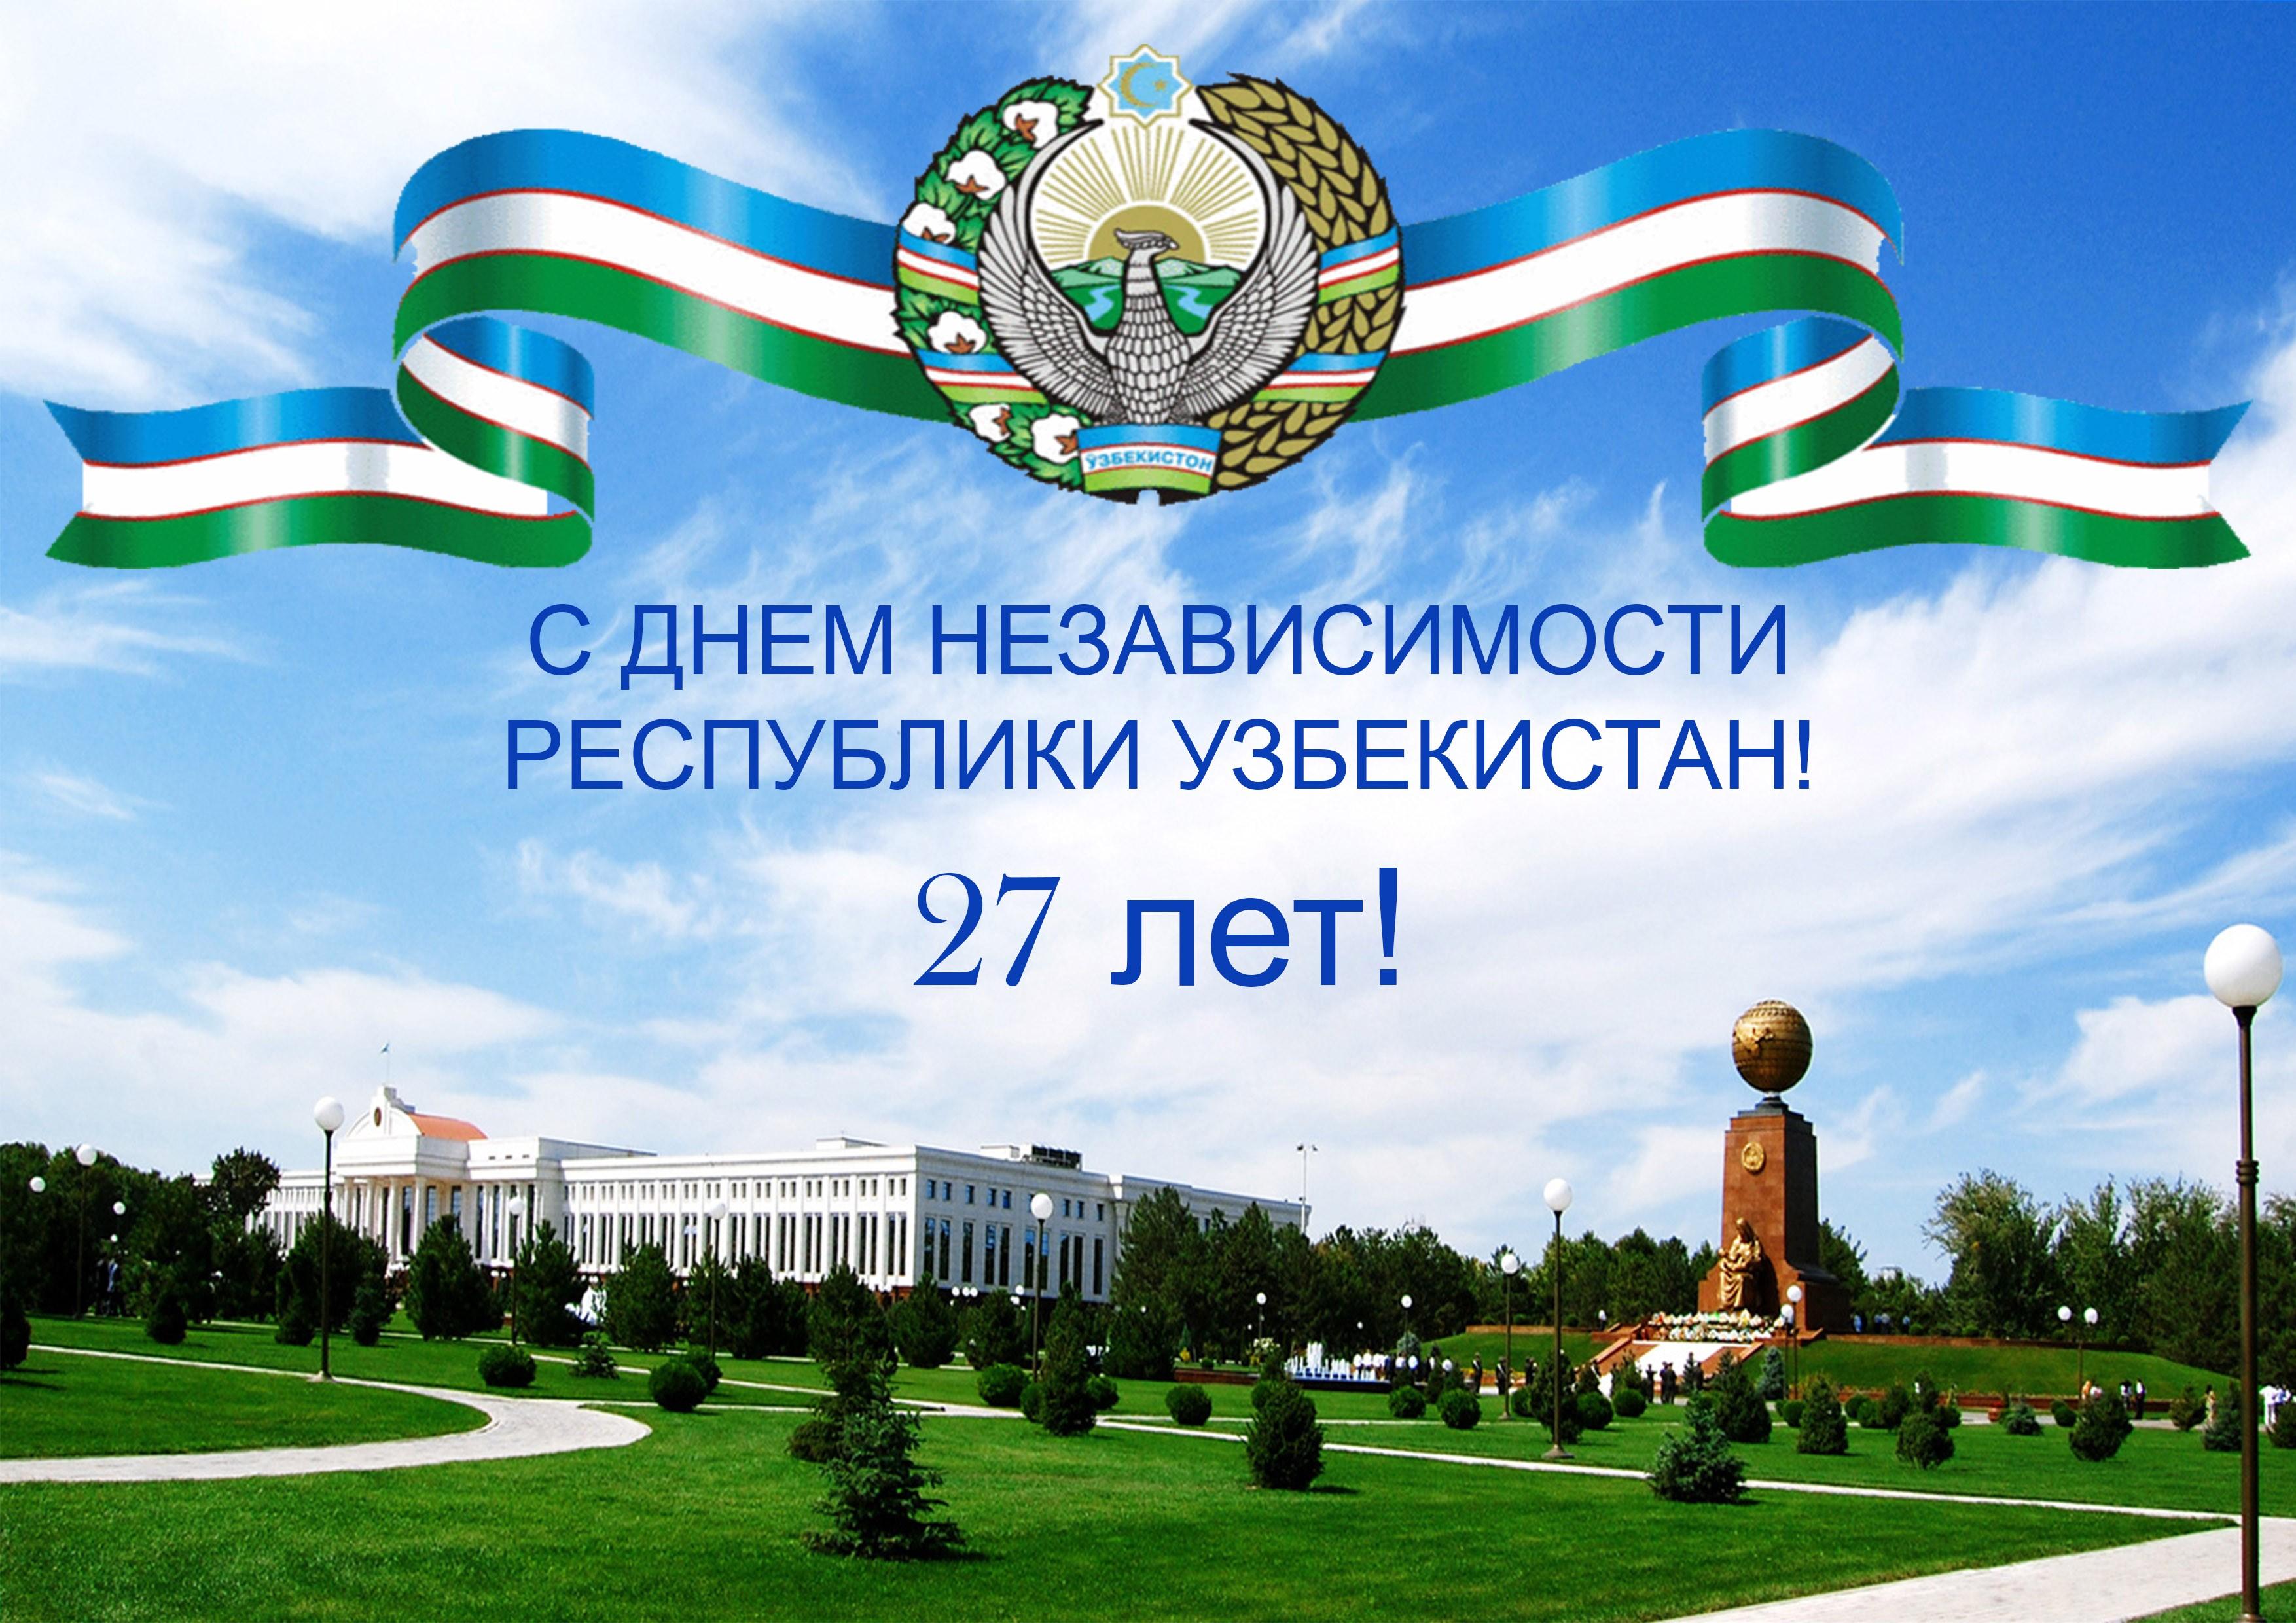 красивое поздравление с днем независимости узбекистана провели